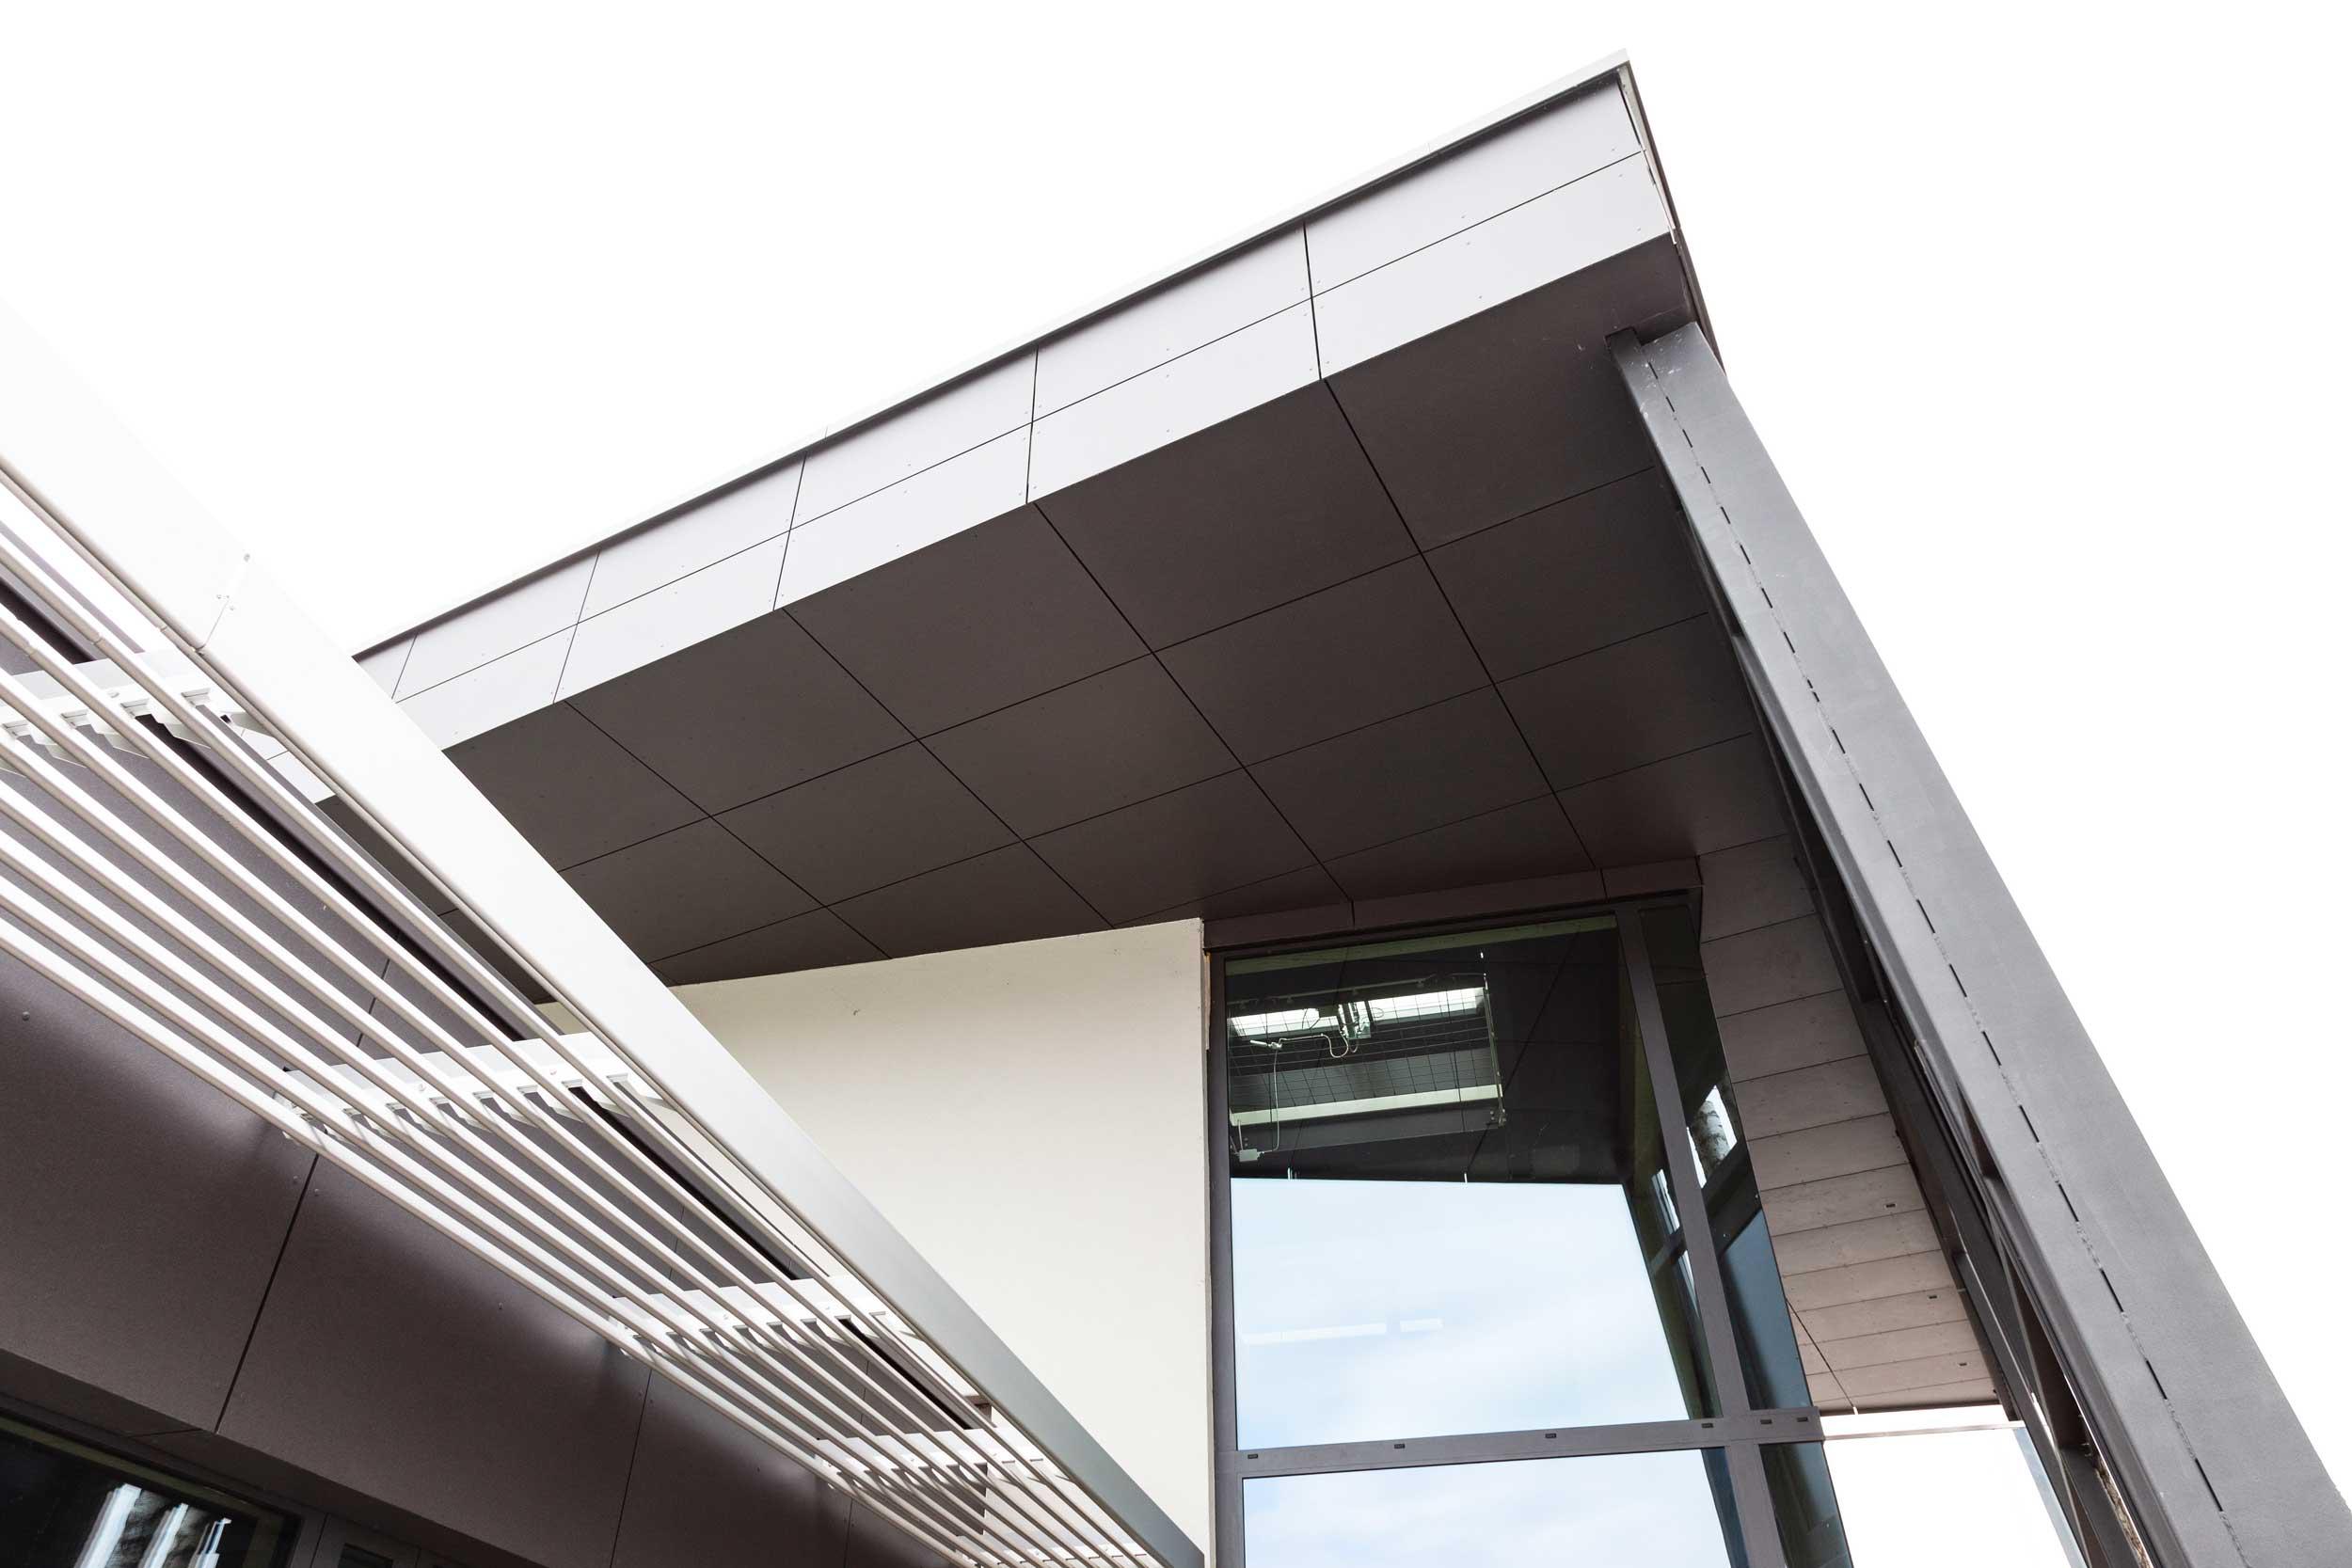 Fassade Leydecker_5-_MG_0804